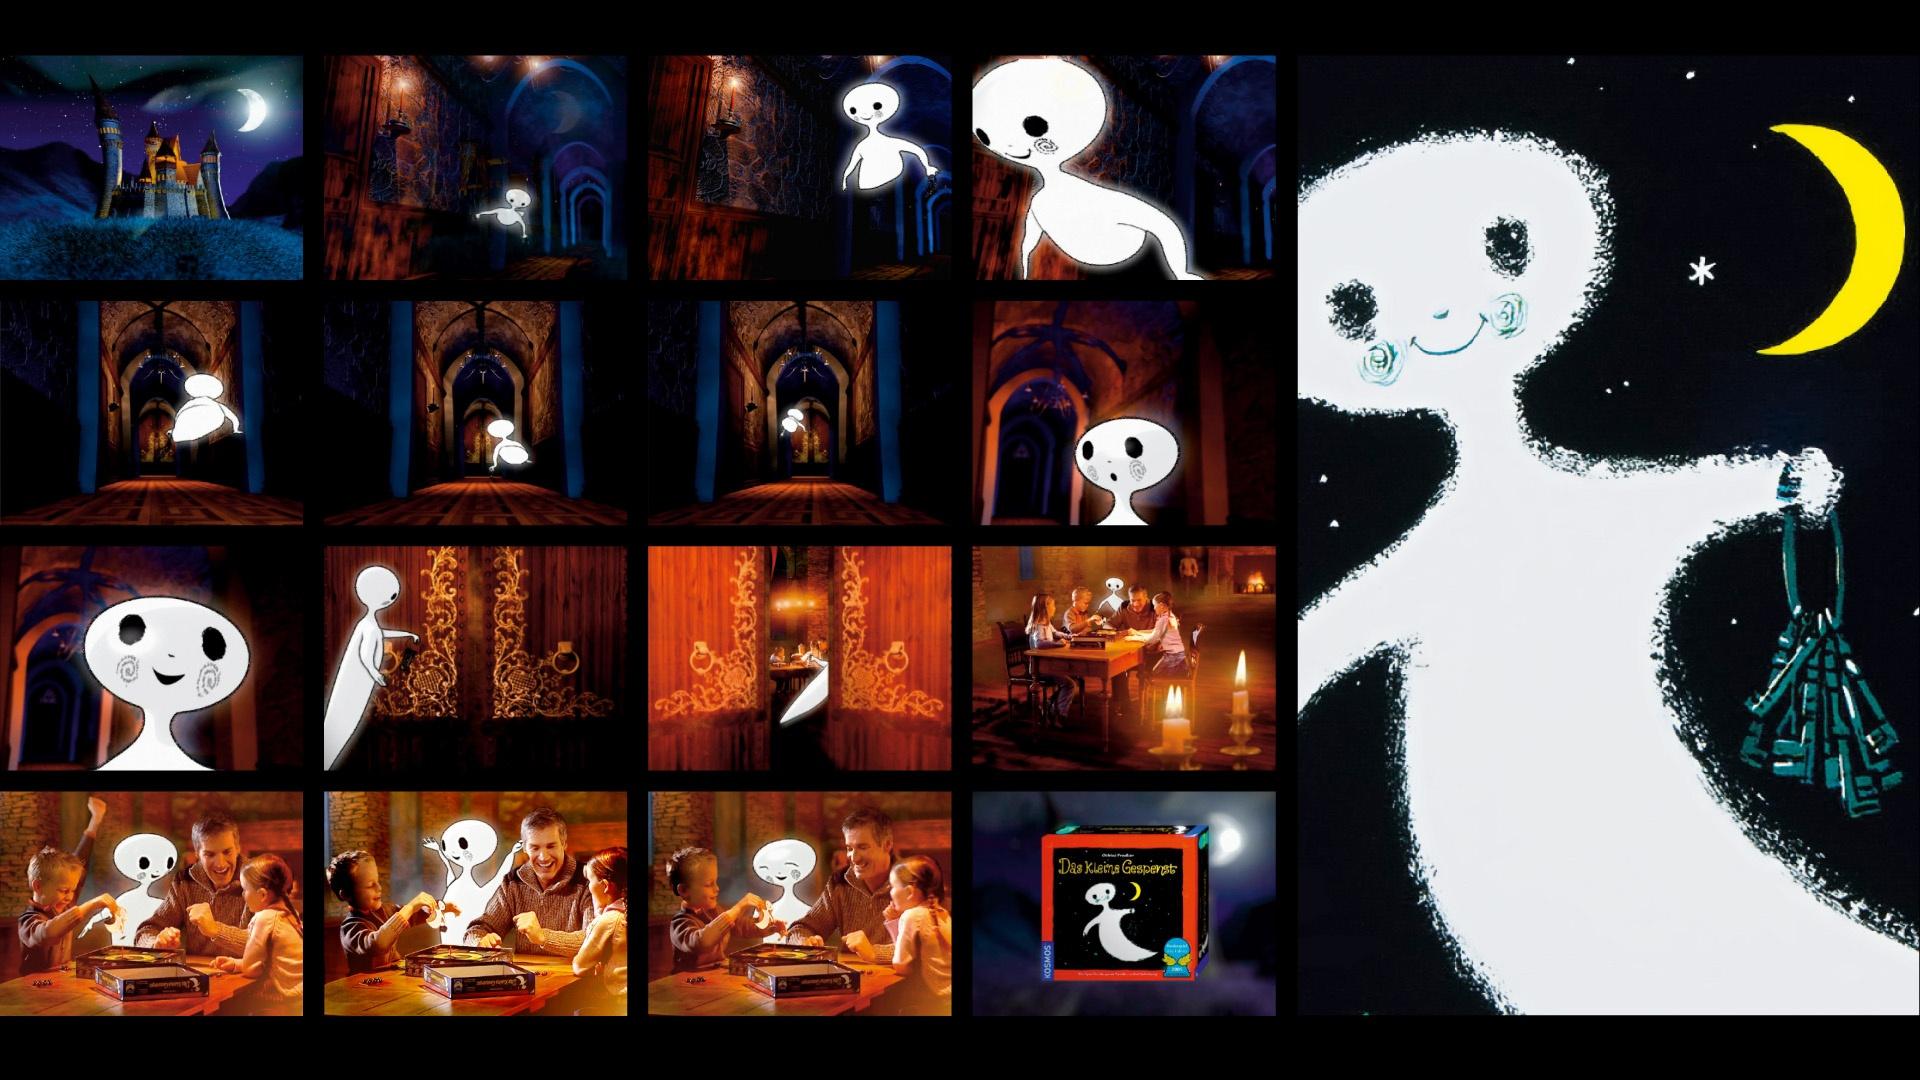 KosmosTV Spot Das kleine Gespenst